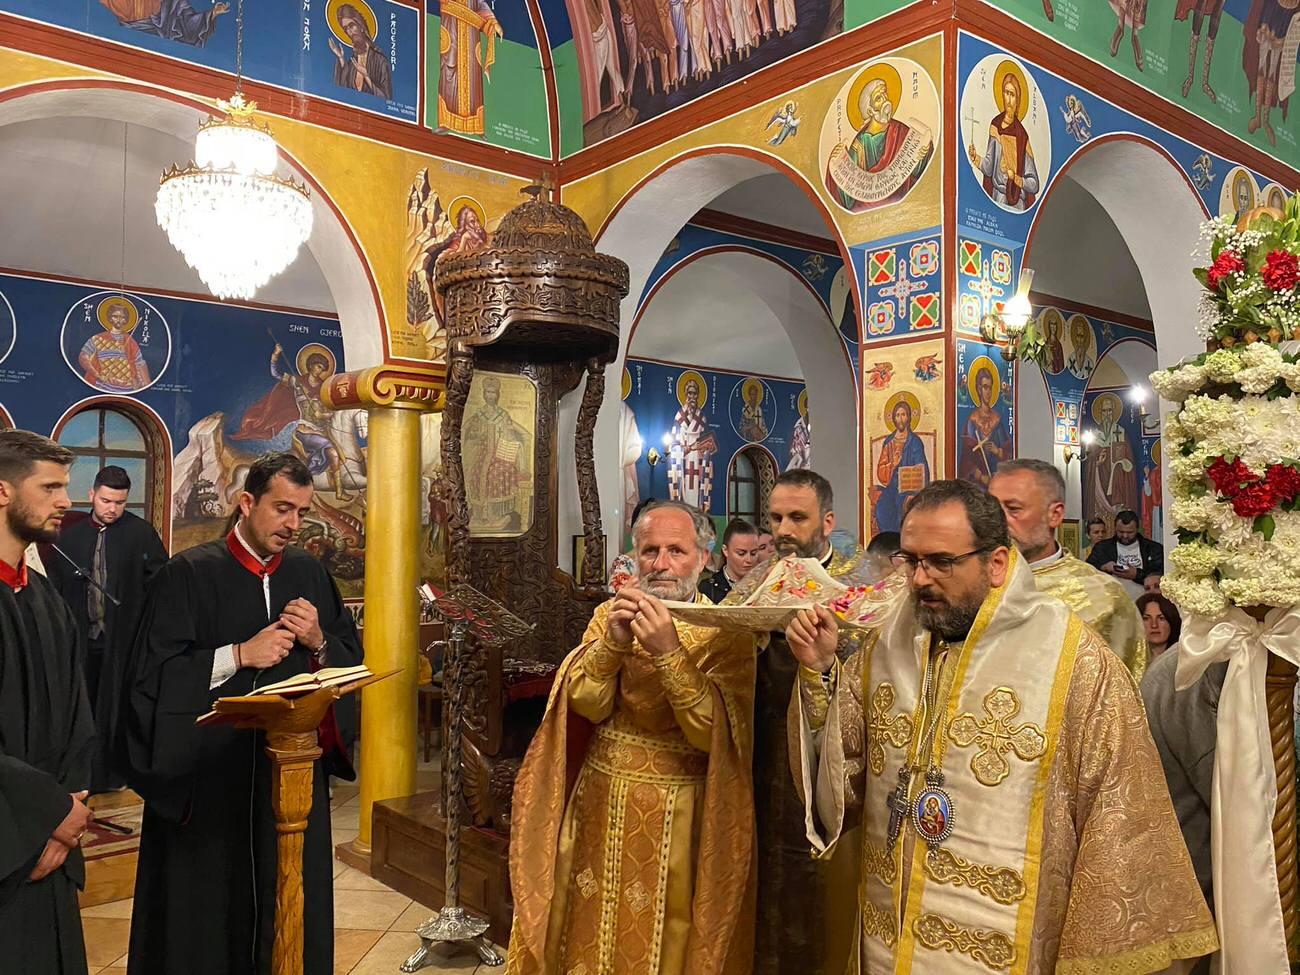 Πλήθος πιστών Αποκαθήλωση και ο Επιτάφιος Εκκλησία Αλβανίας 2021